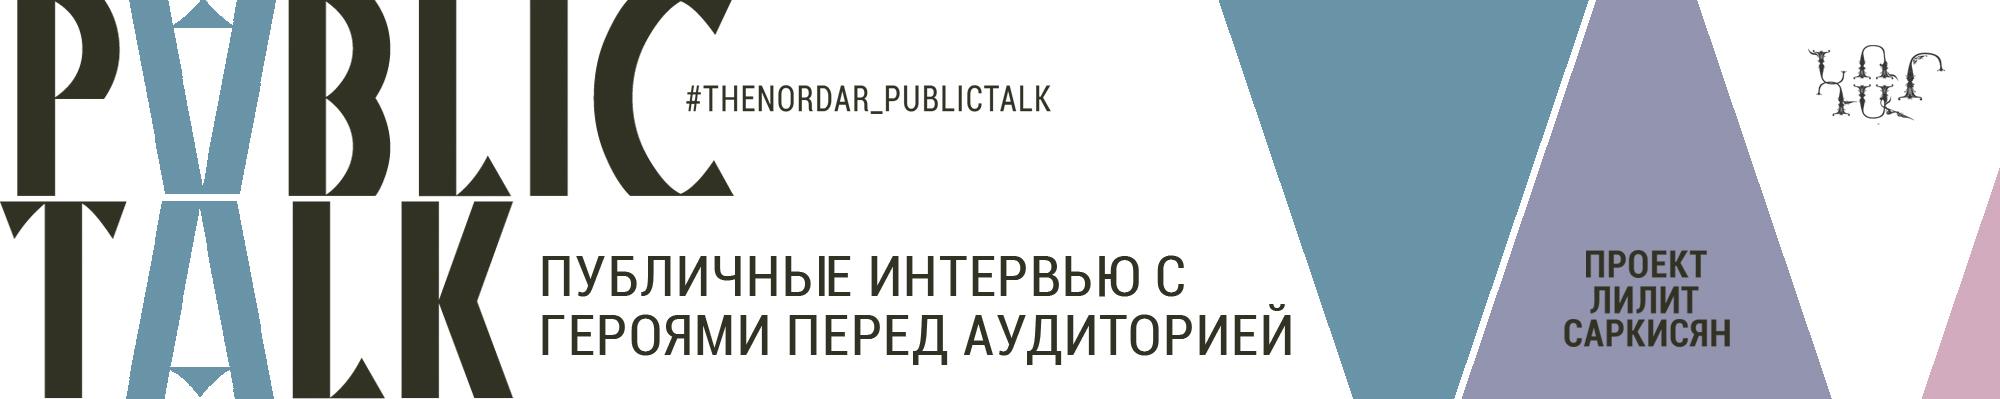 shapka_web